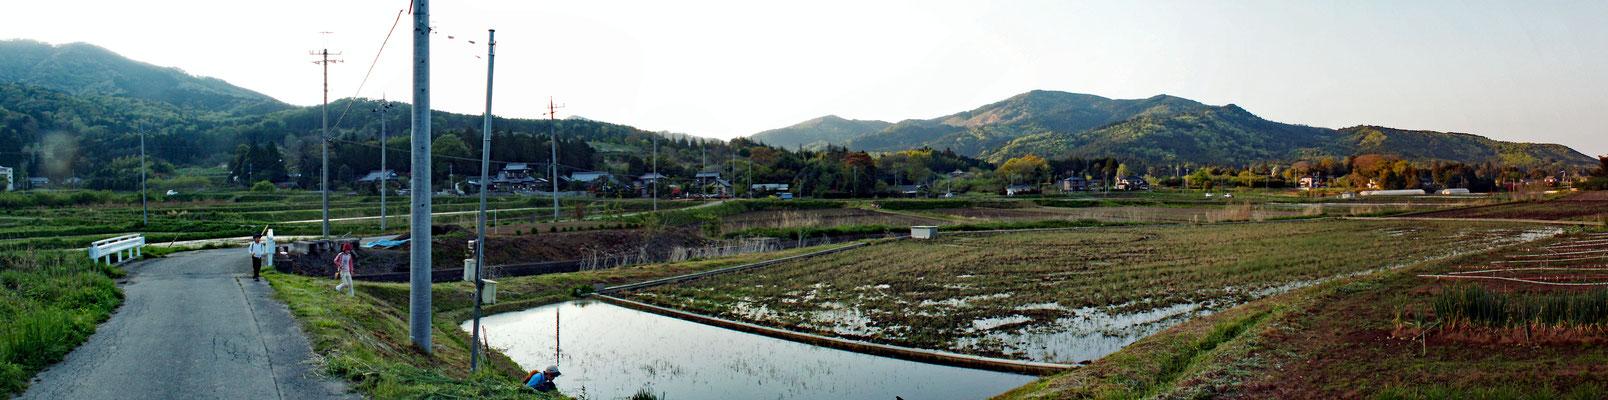 帰り道11 館岸山 のどかな上郷地区。館岸山を望む。